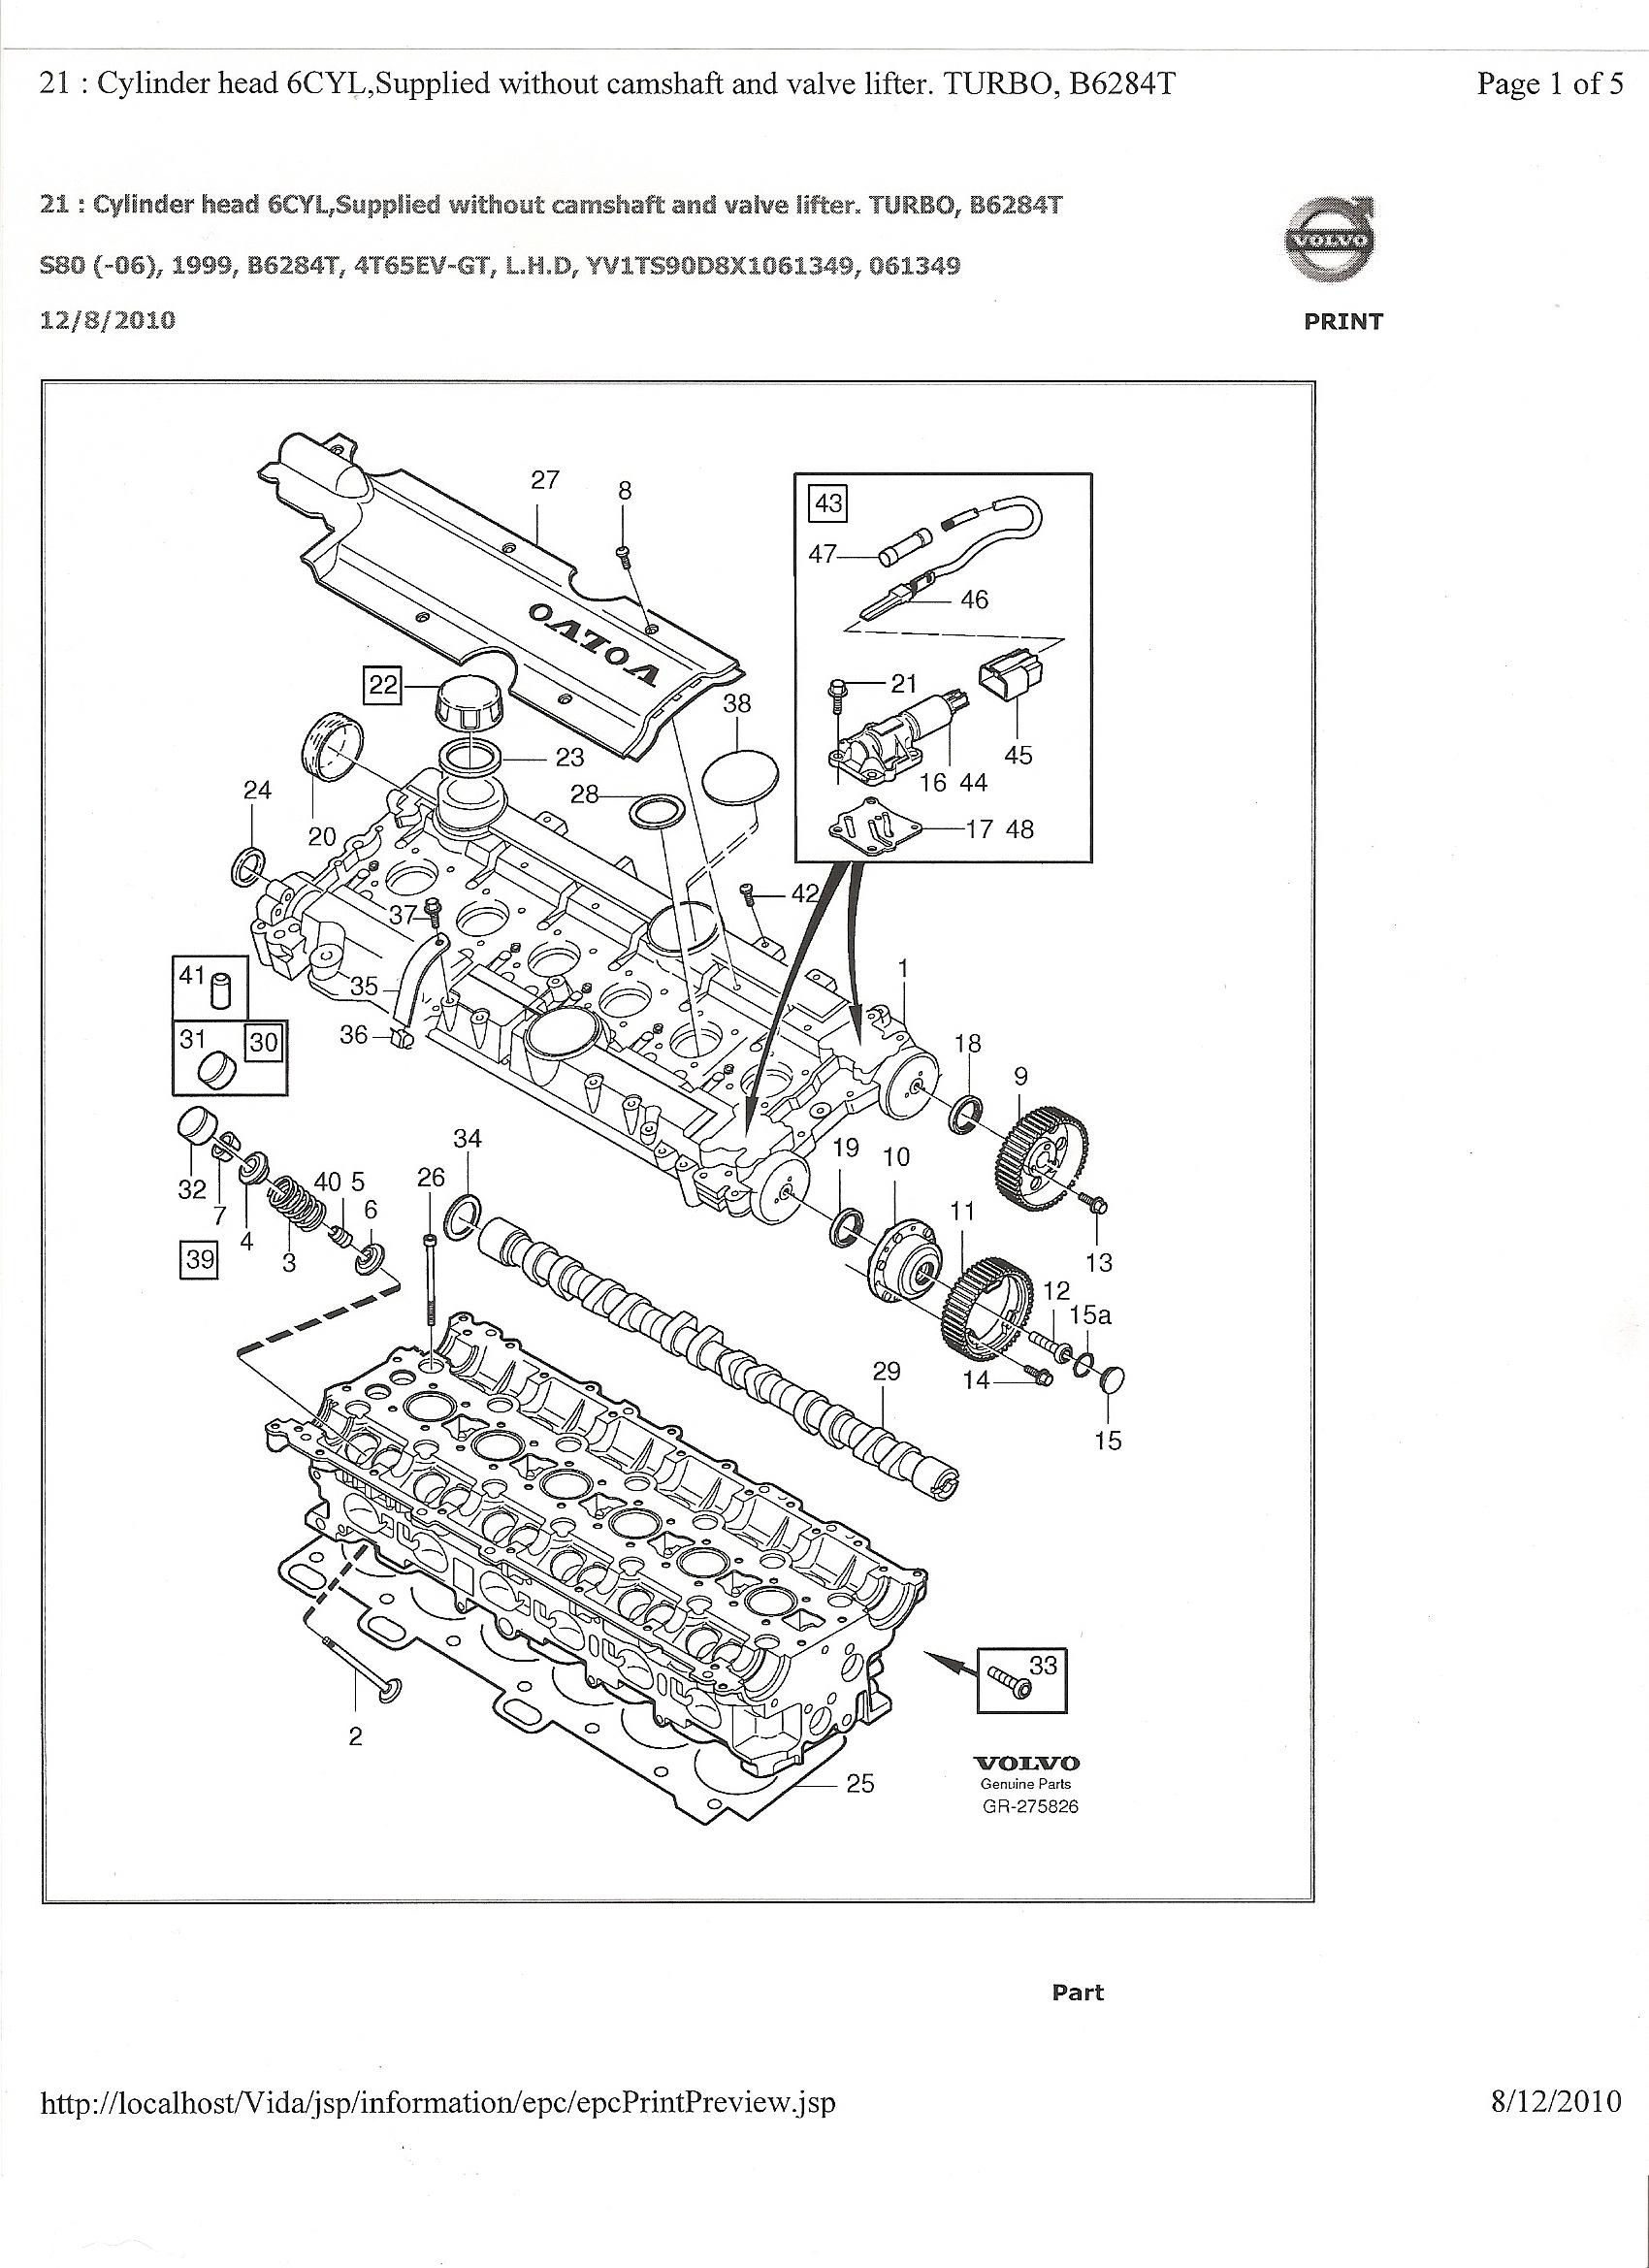 1999 Volvo S80 T6 Wiring Diagram 1997 Tracker Pontoon Boat Wiring Diagram 7gen Nissaan Yenpancane Jeanjaures37 Fr